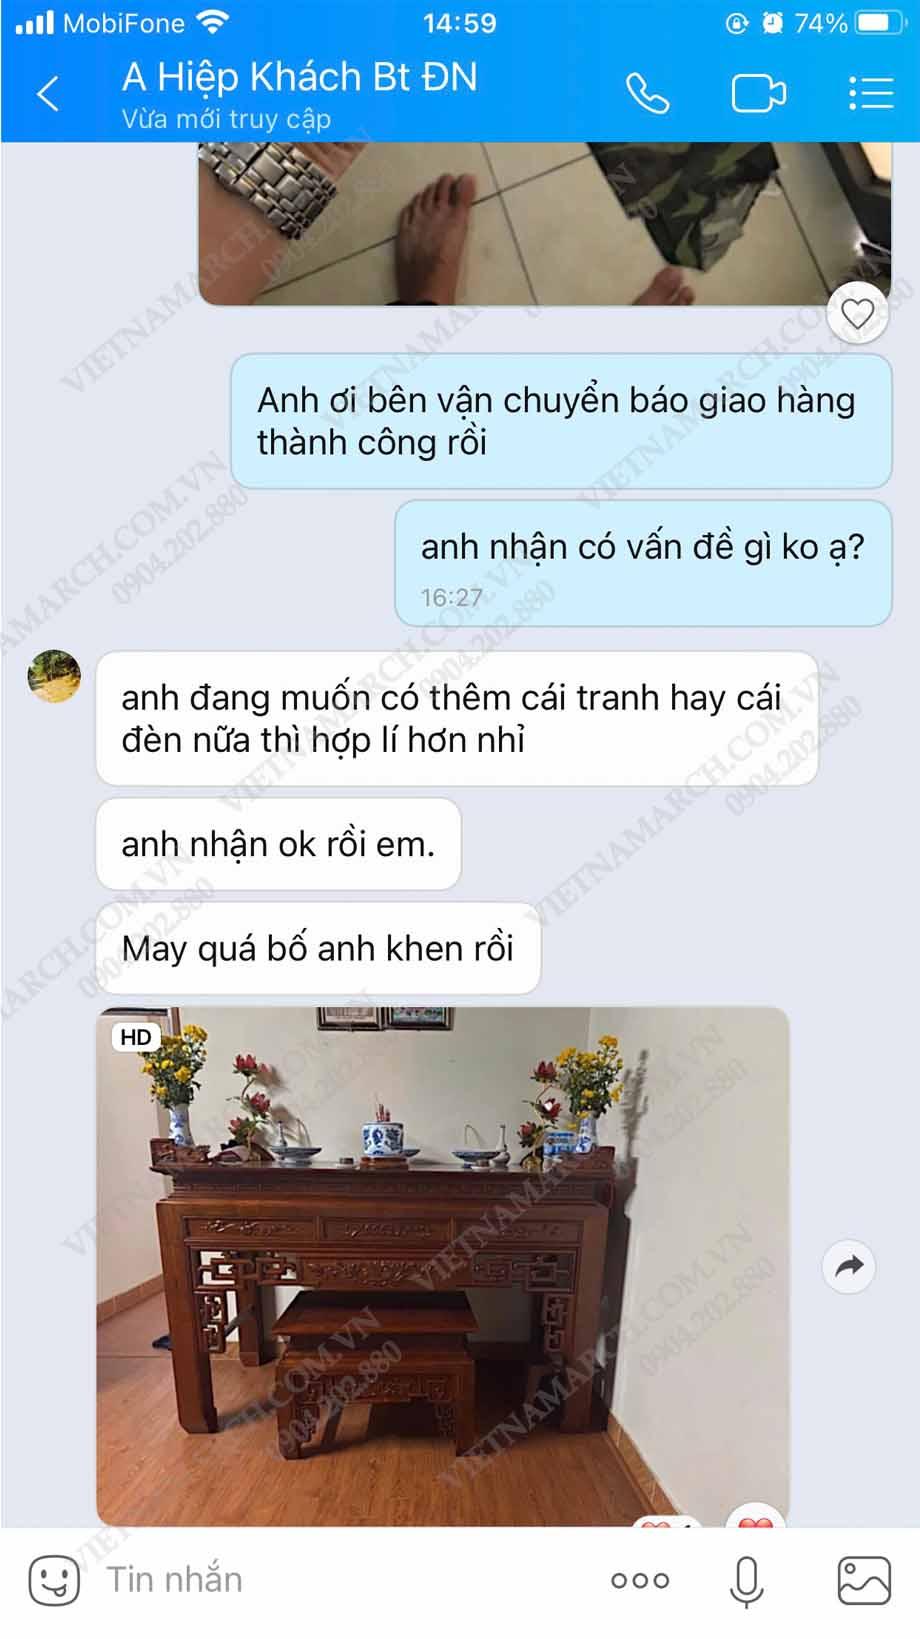 Đánh giá của khách hàng đã mua sản phẩm bàn thờ Vietnamarch 61 Nguyễn Xiển